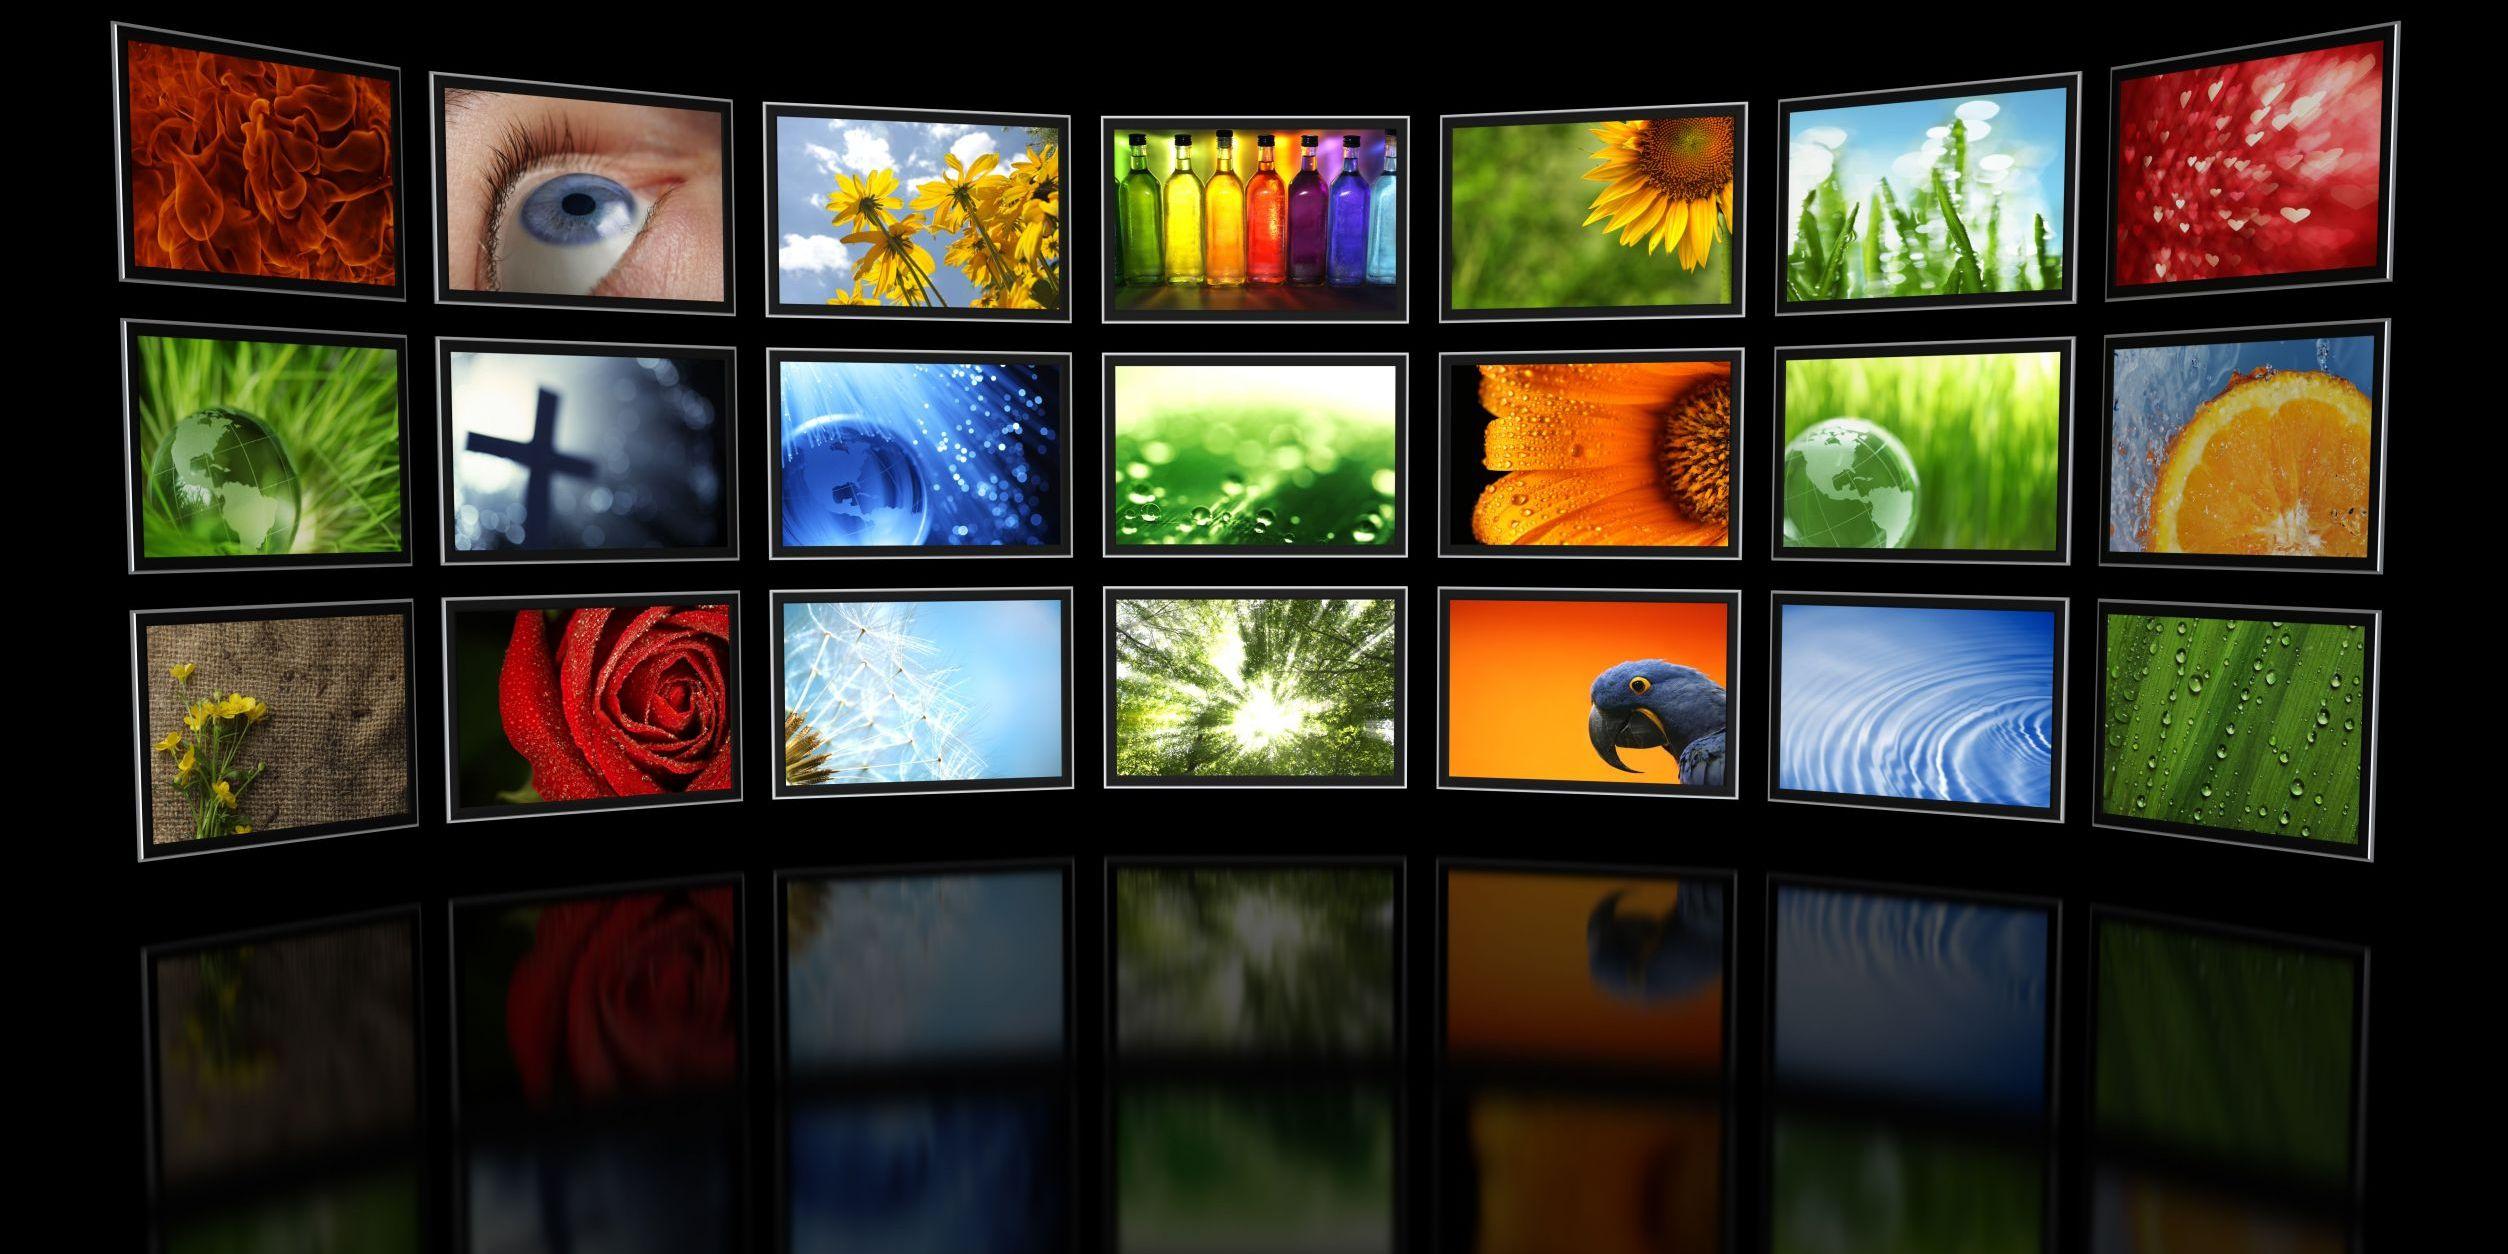 Как из двух телевизоров сделать одинаковые